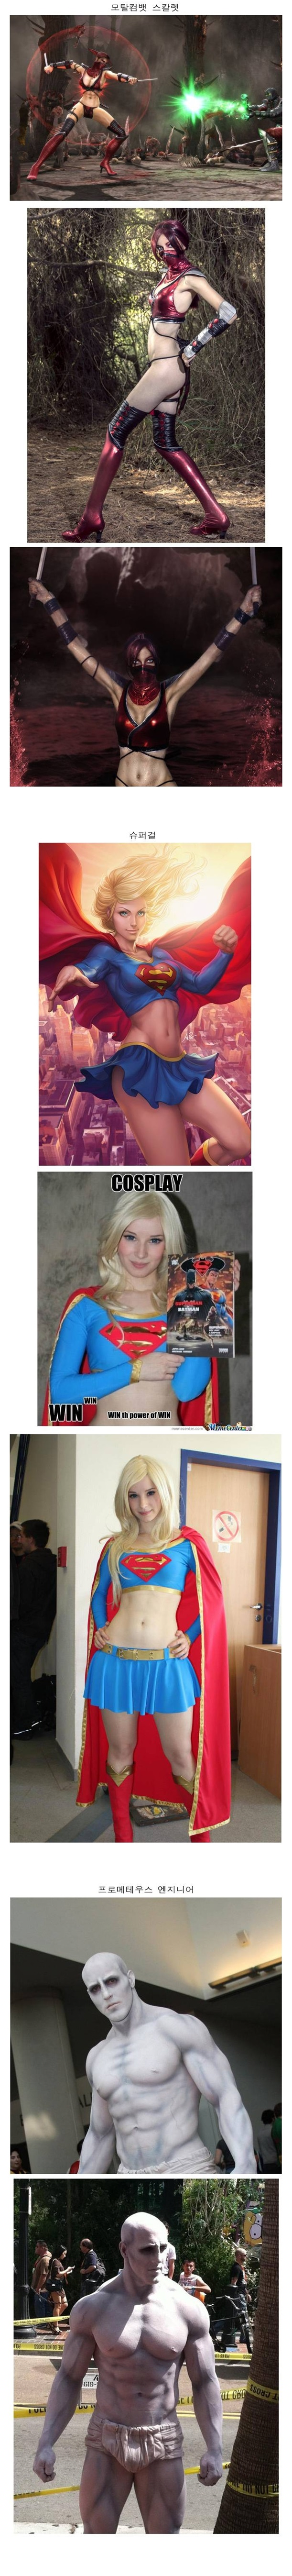 CostumePlay (3).jpg